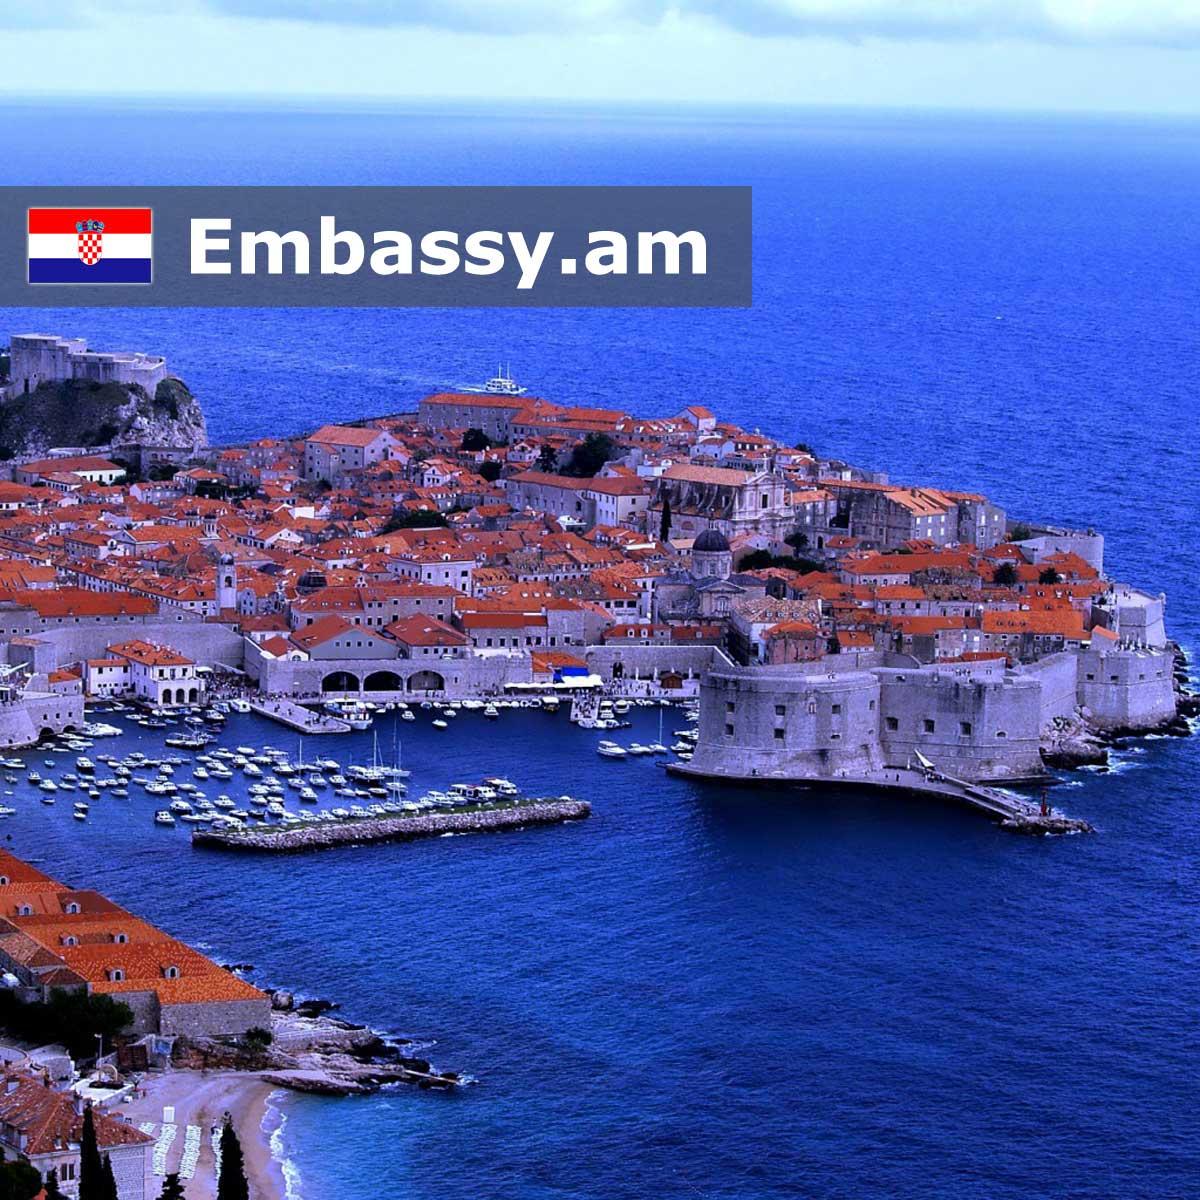 Hotels in Croatia - Embassy.am